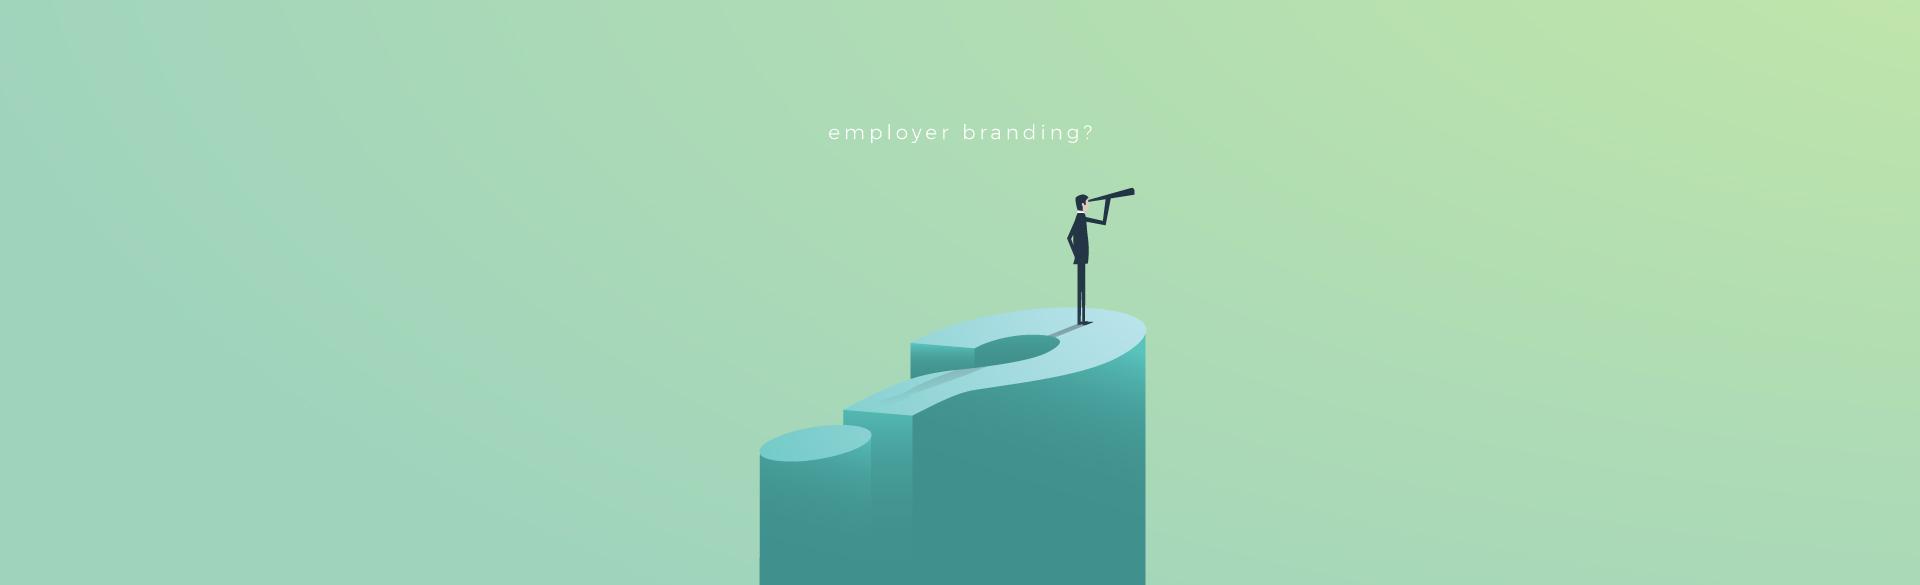 vijf employer branding vragen die elke werkgever zich moet stellen